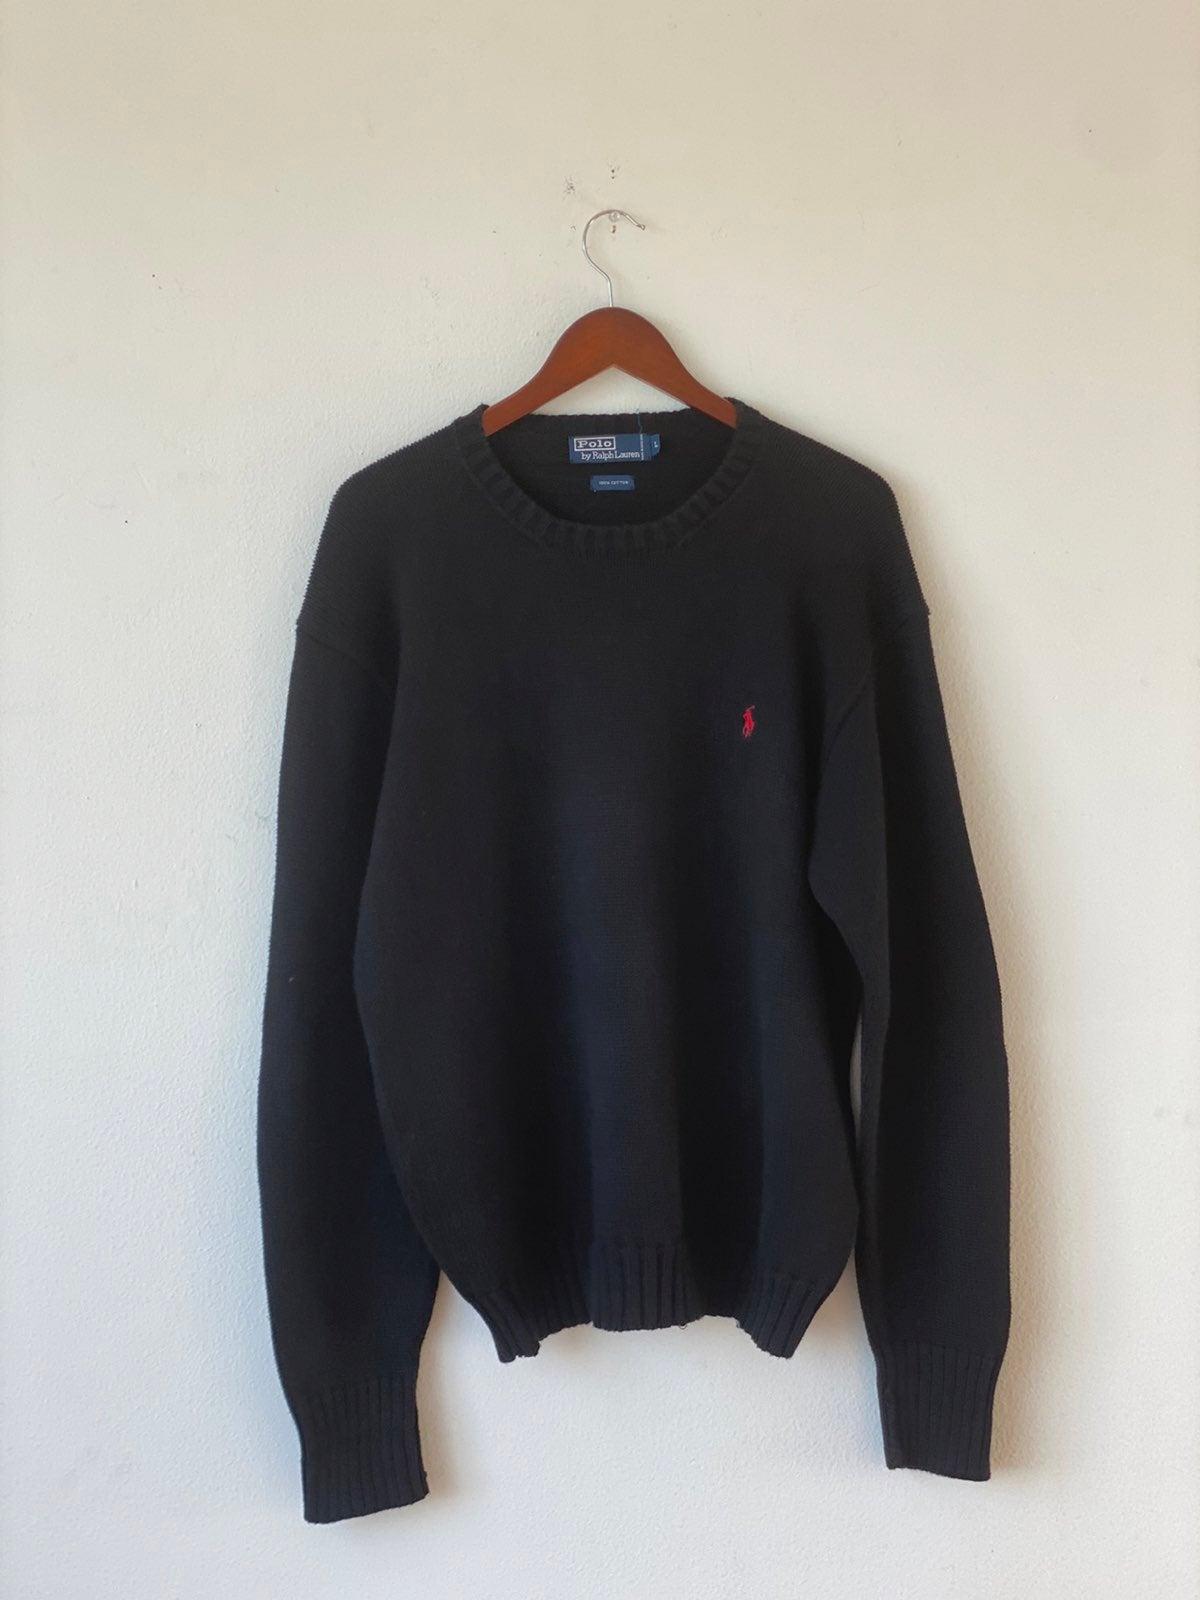 Polo Ralph Lauren Sweater Sz L